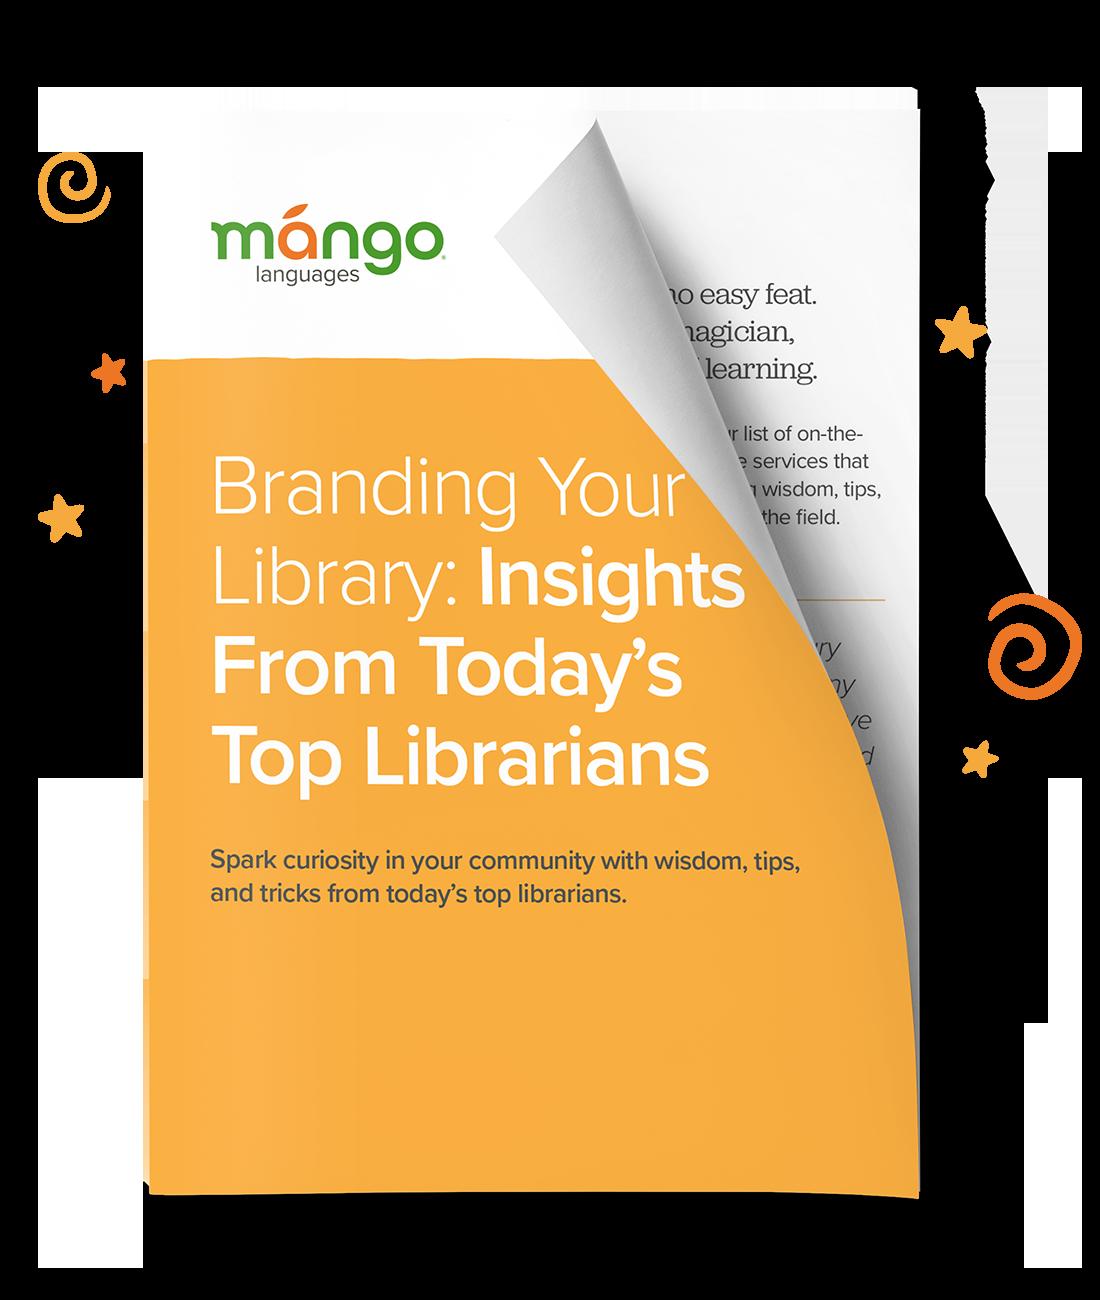 mango-inbound-brand-your-library